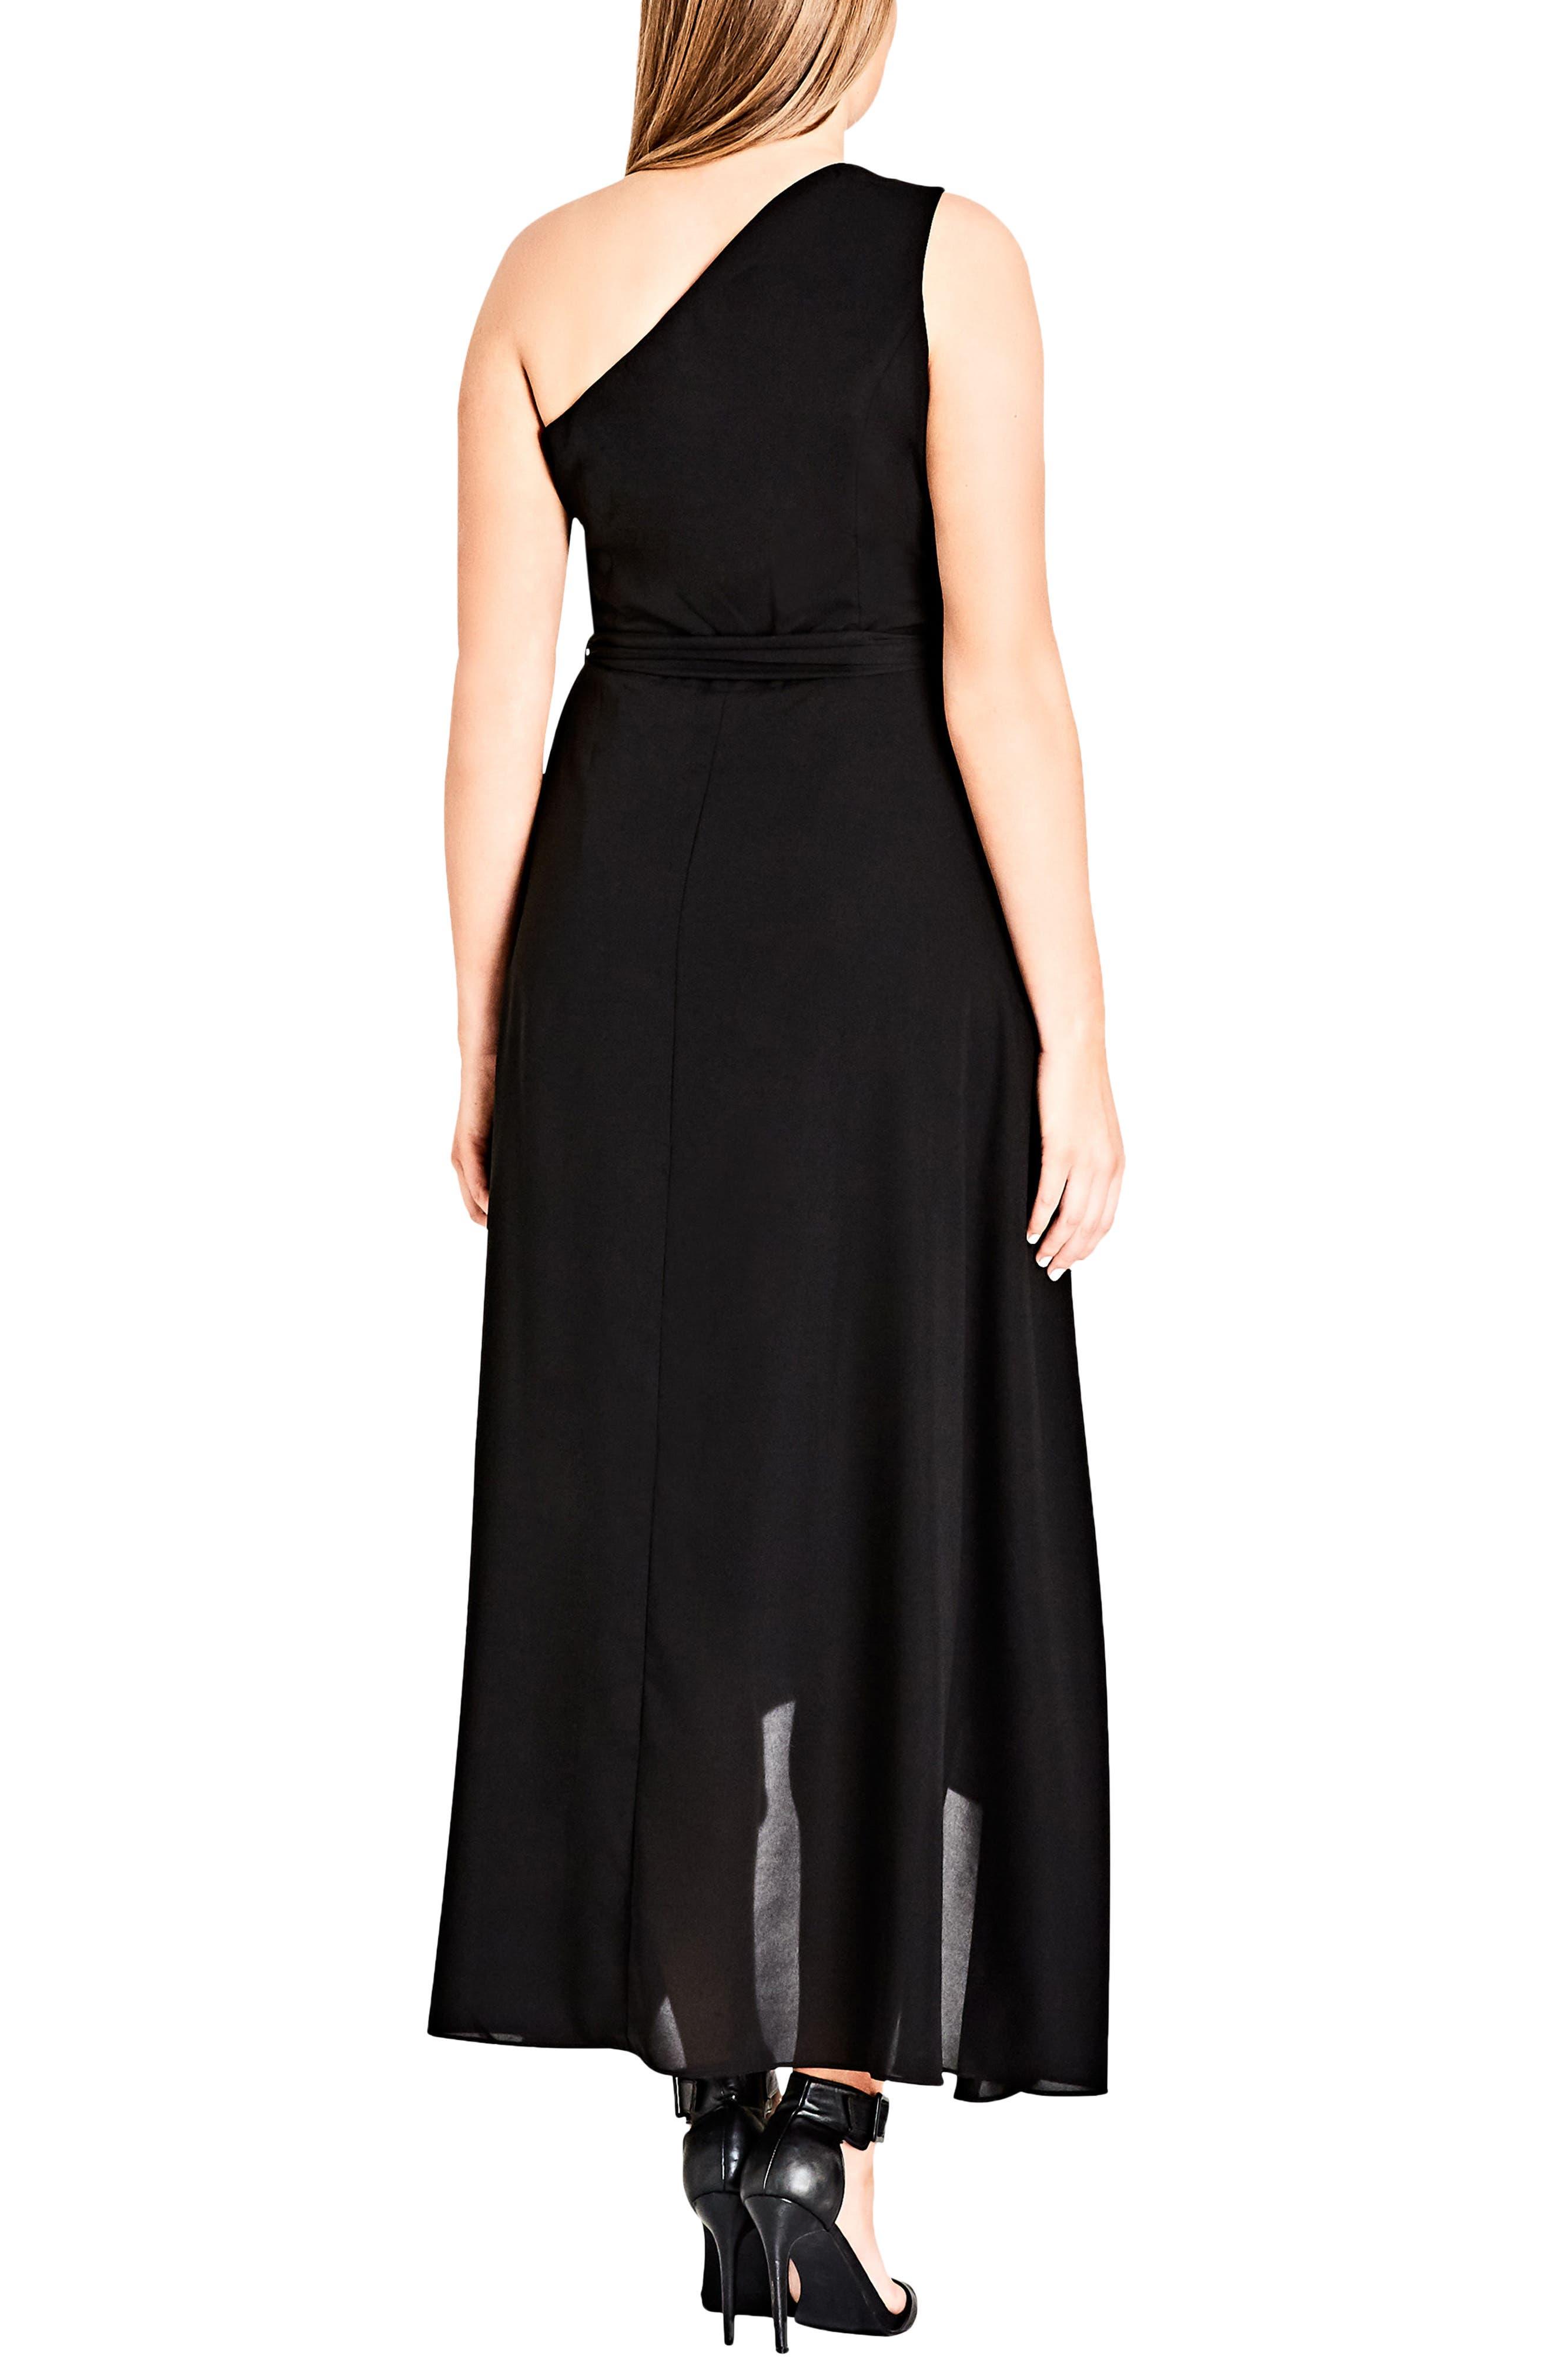 One Love Maxi Dress,                             Alternate thumbnail 2, color,                             Black